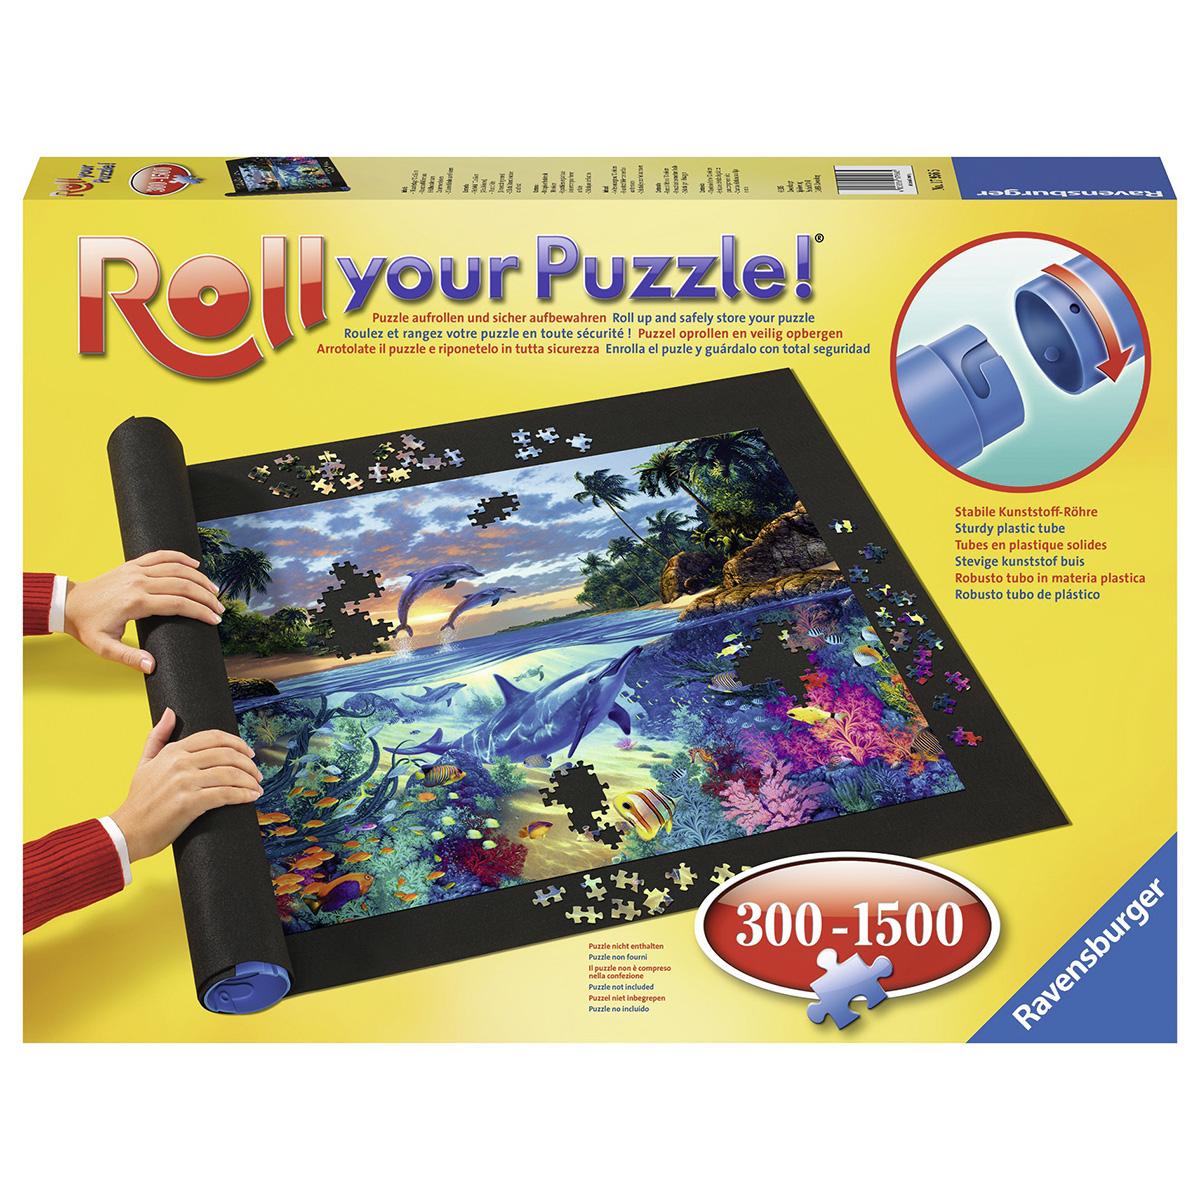 Tapis pour puzzle 300-1500 pièces - Ravenburger